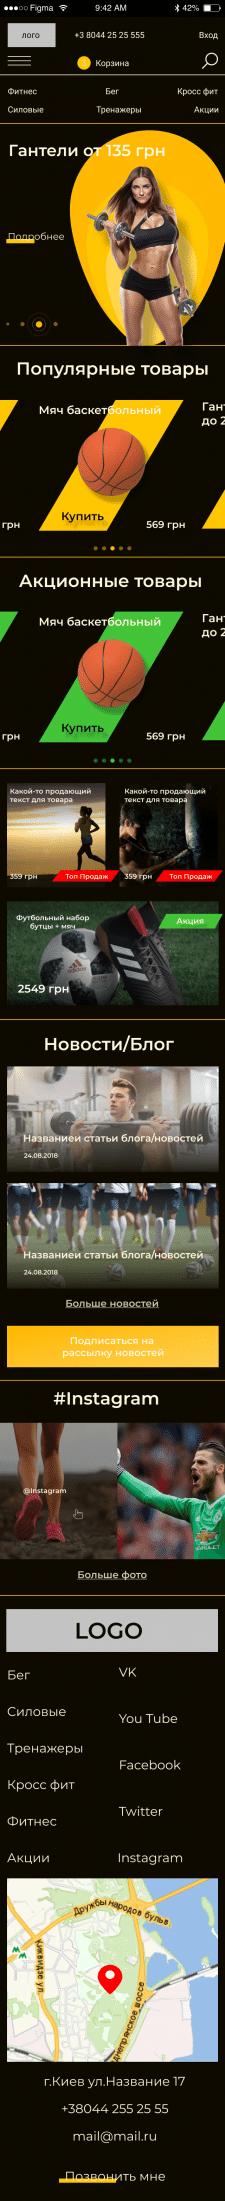 Мобильная версия сайта спорт-товаров